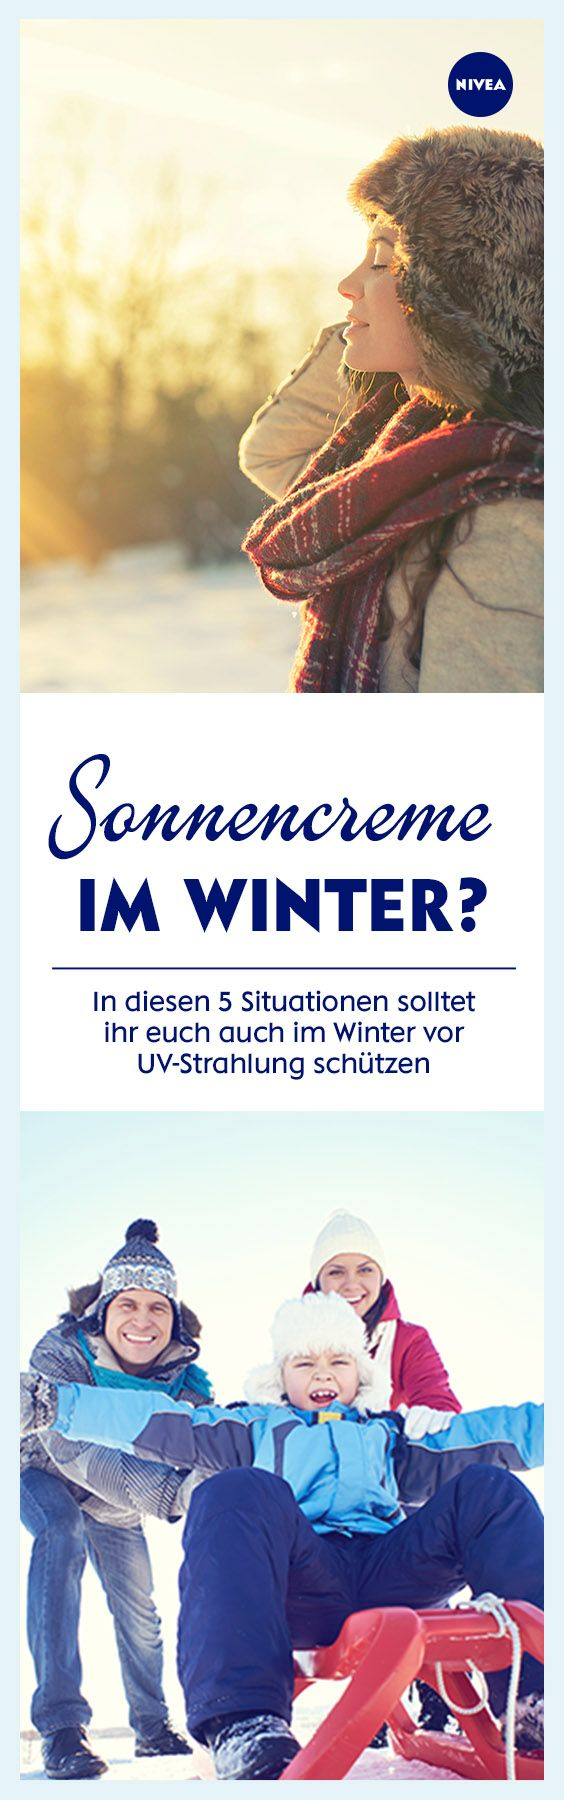 Sonnenschutz zur Winterzeit? Na klar. Warum und wann ihr auch in der kalten Jahreszeit eine Creme mit Lichtschutzfaktor auftragen solltet, lest ihr hier.